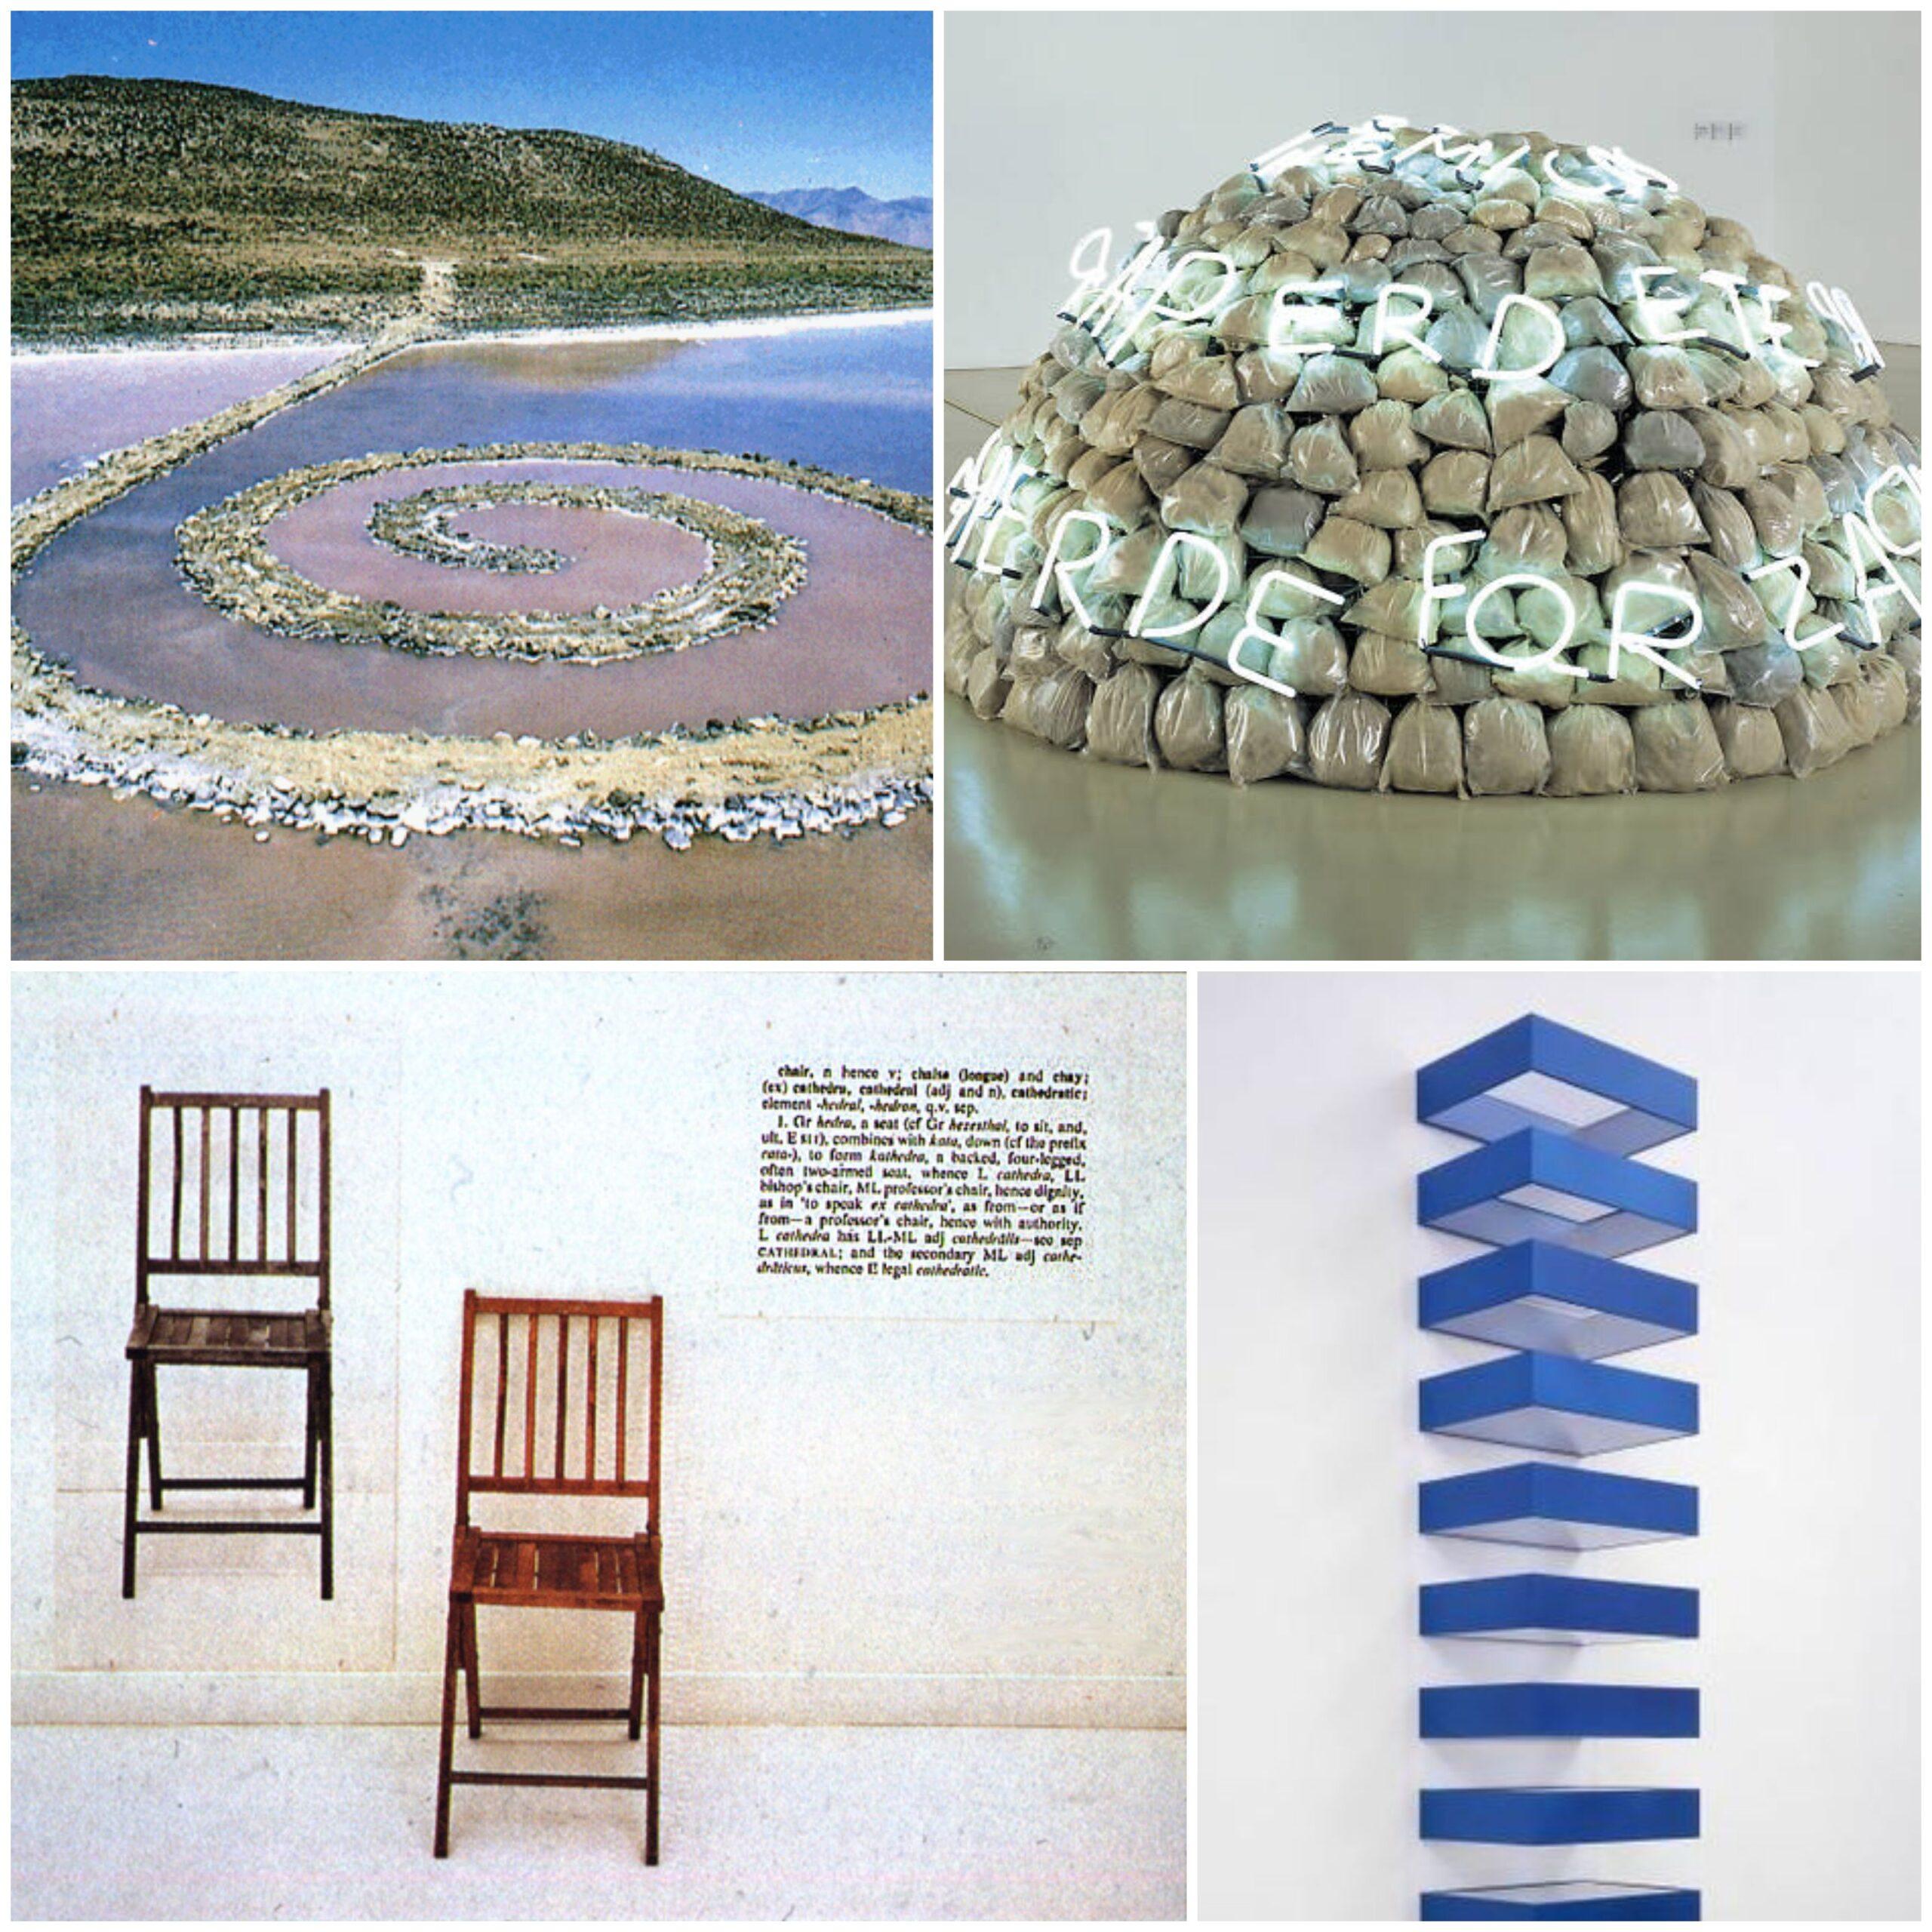 Irányzatok és művészetfelfogások az 1945 utáni művészetben – 3. rész